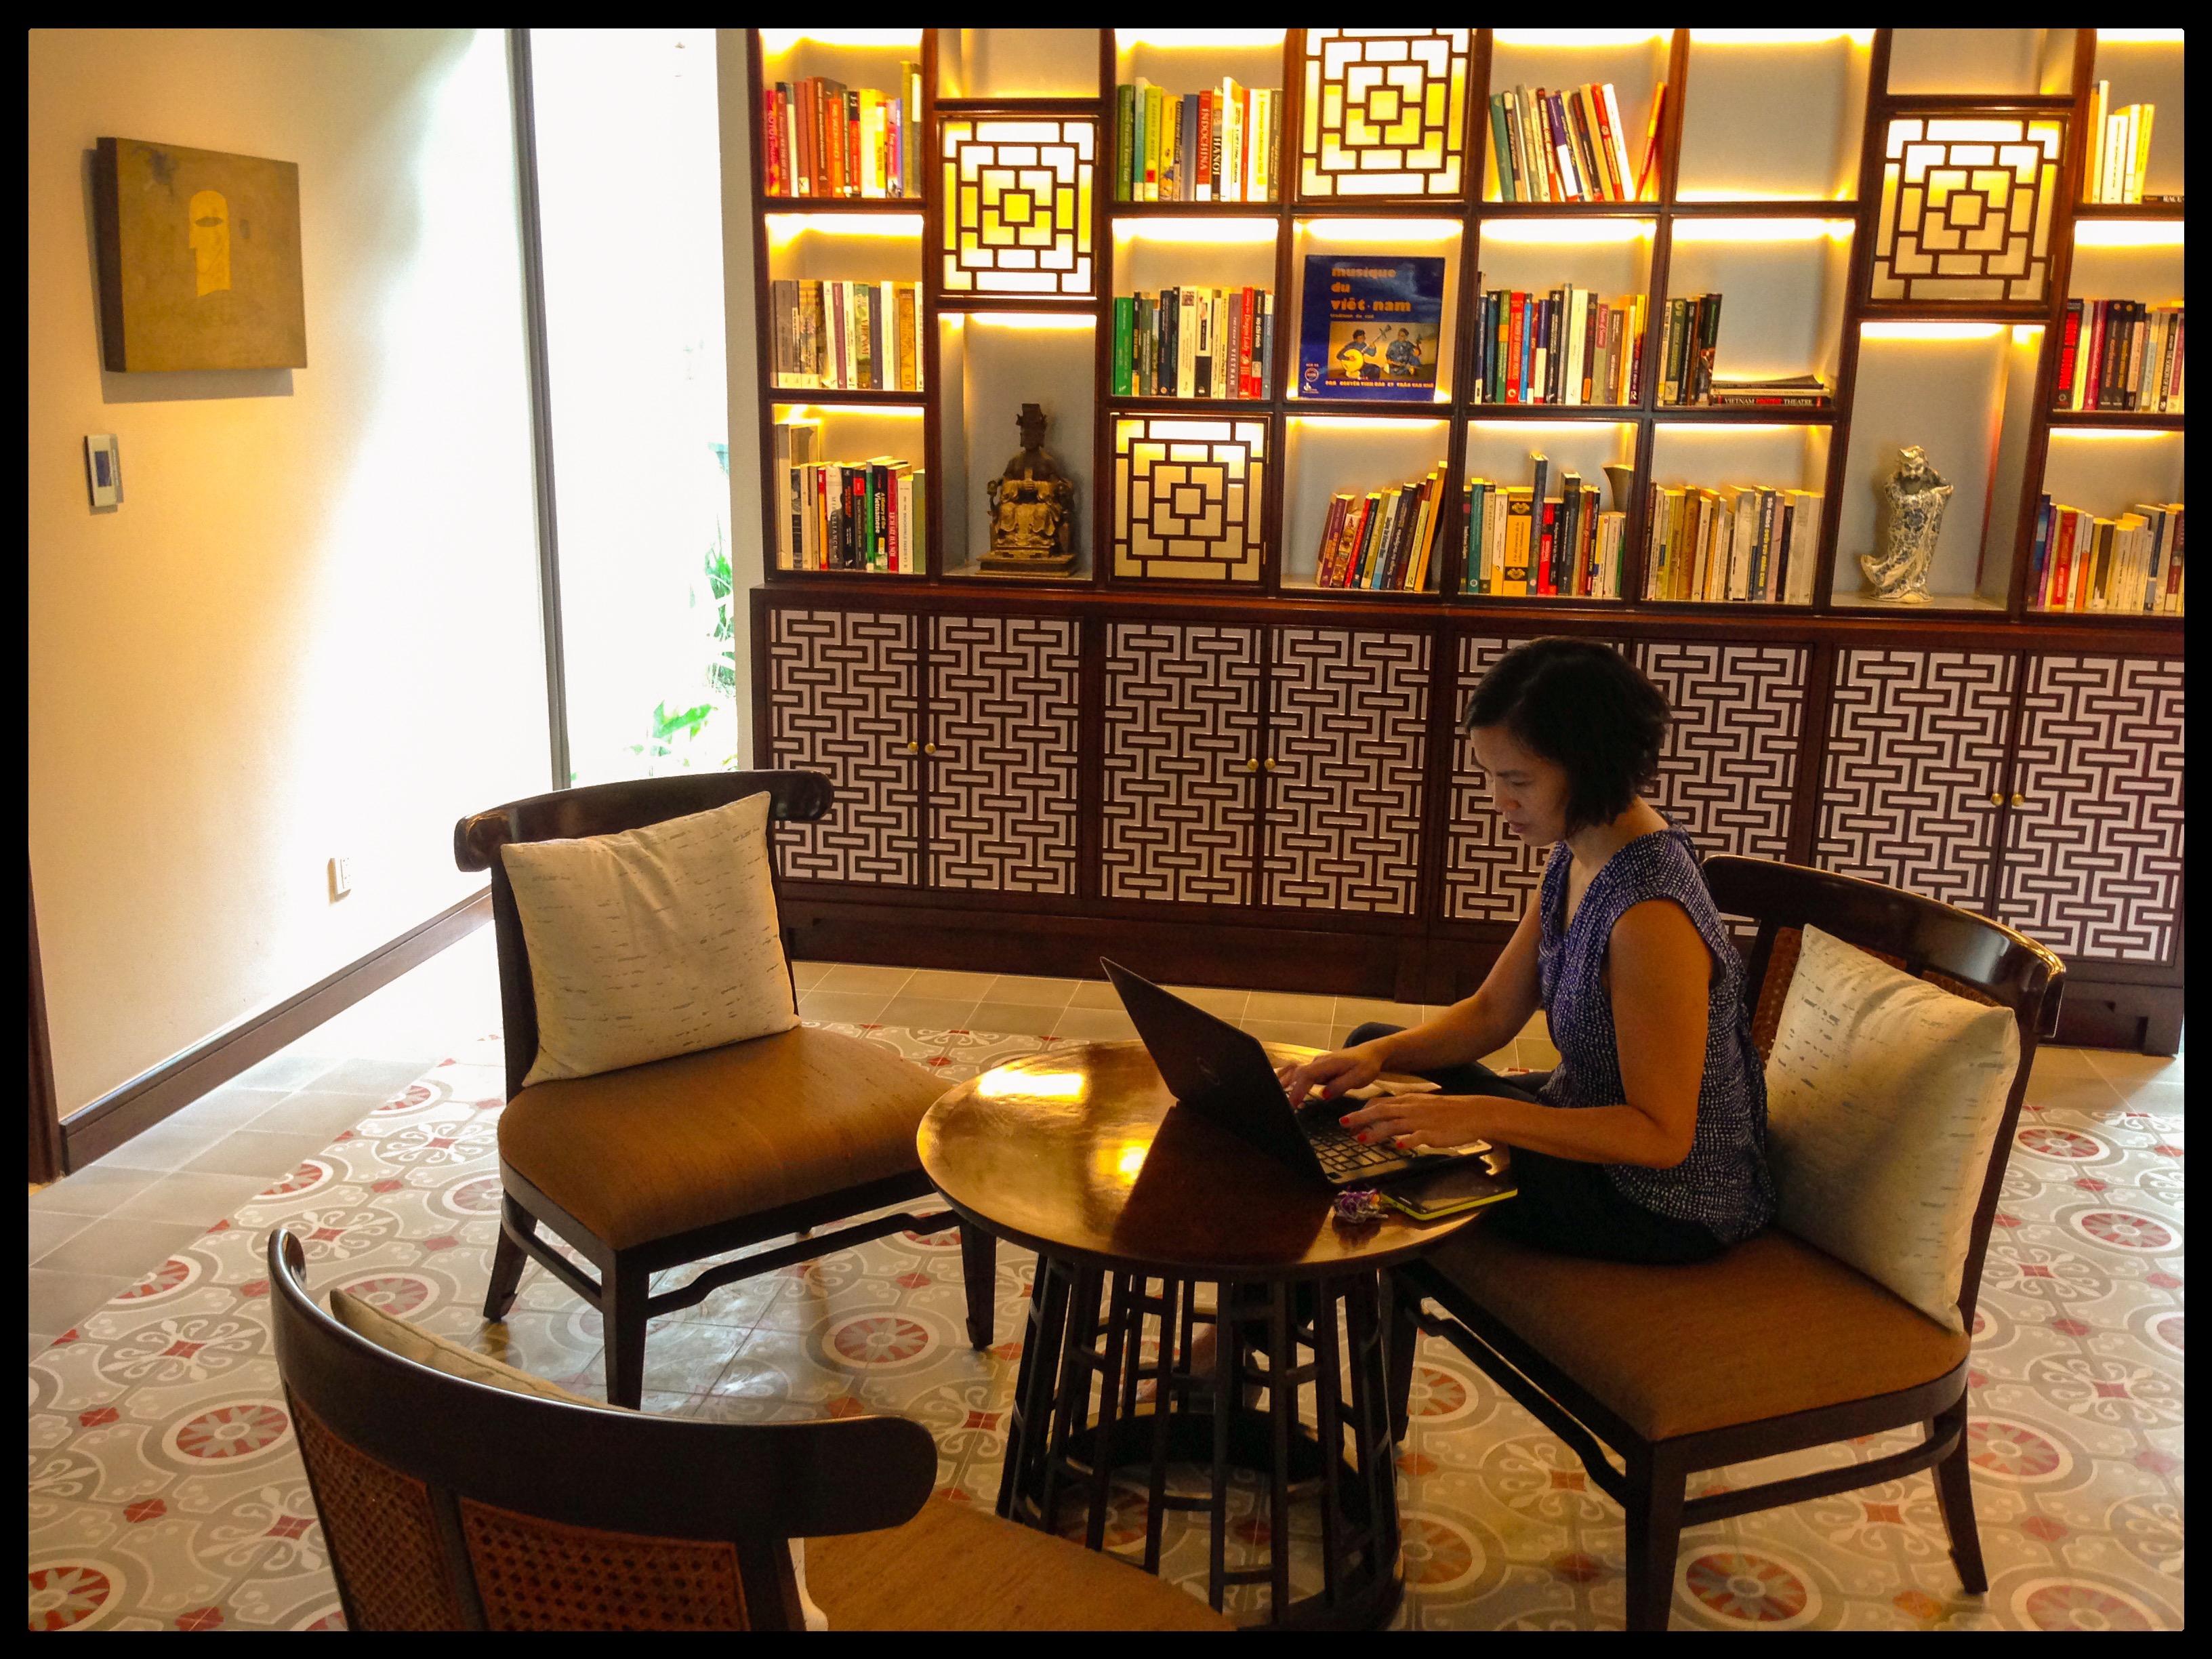 Salon Saigon